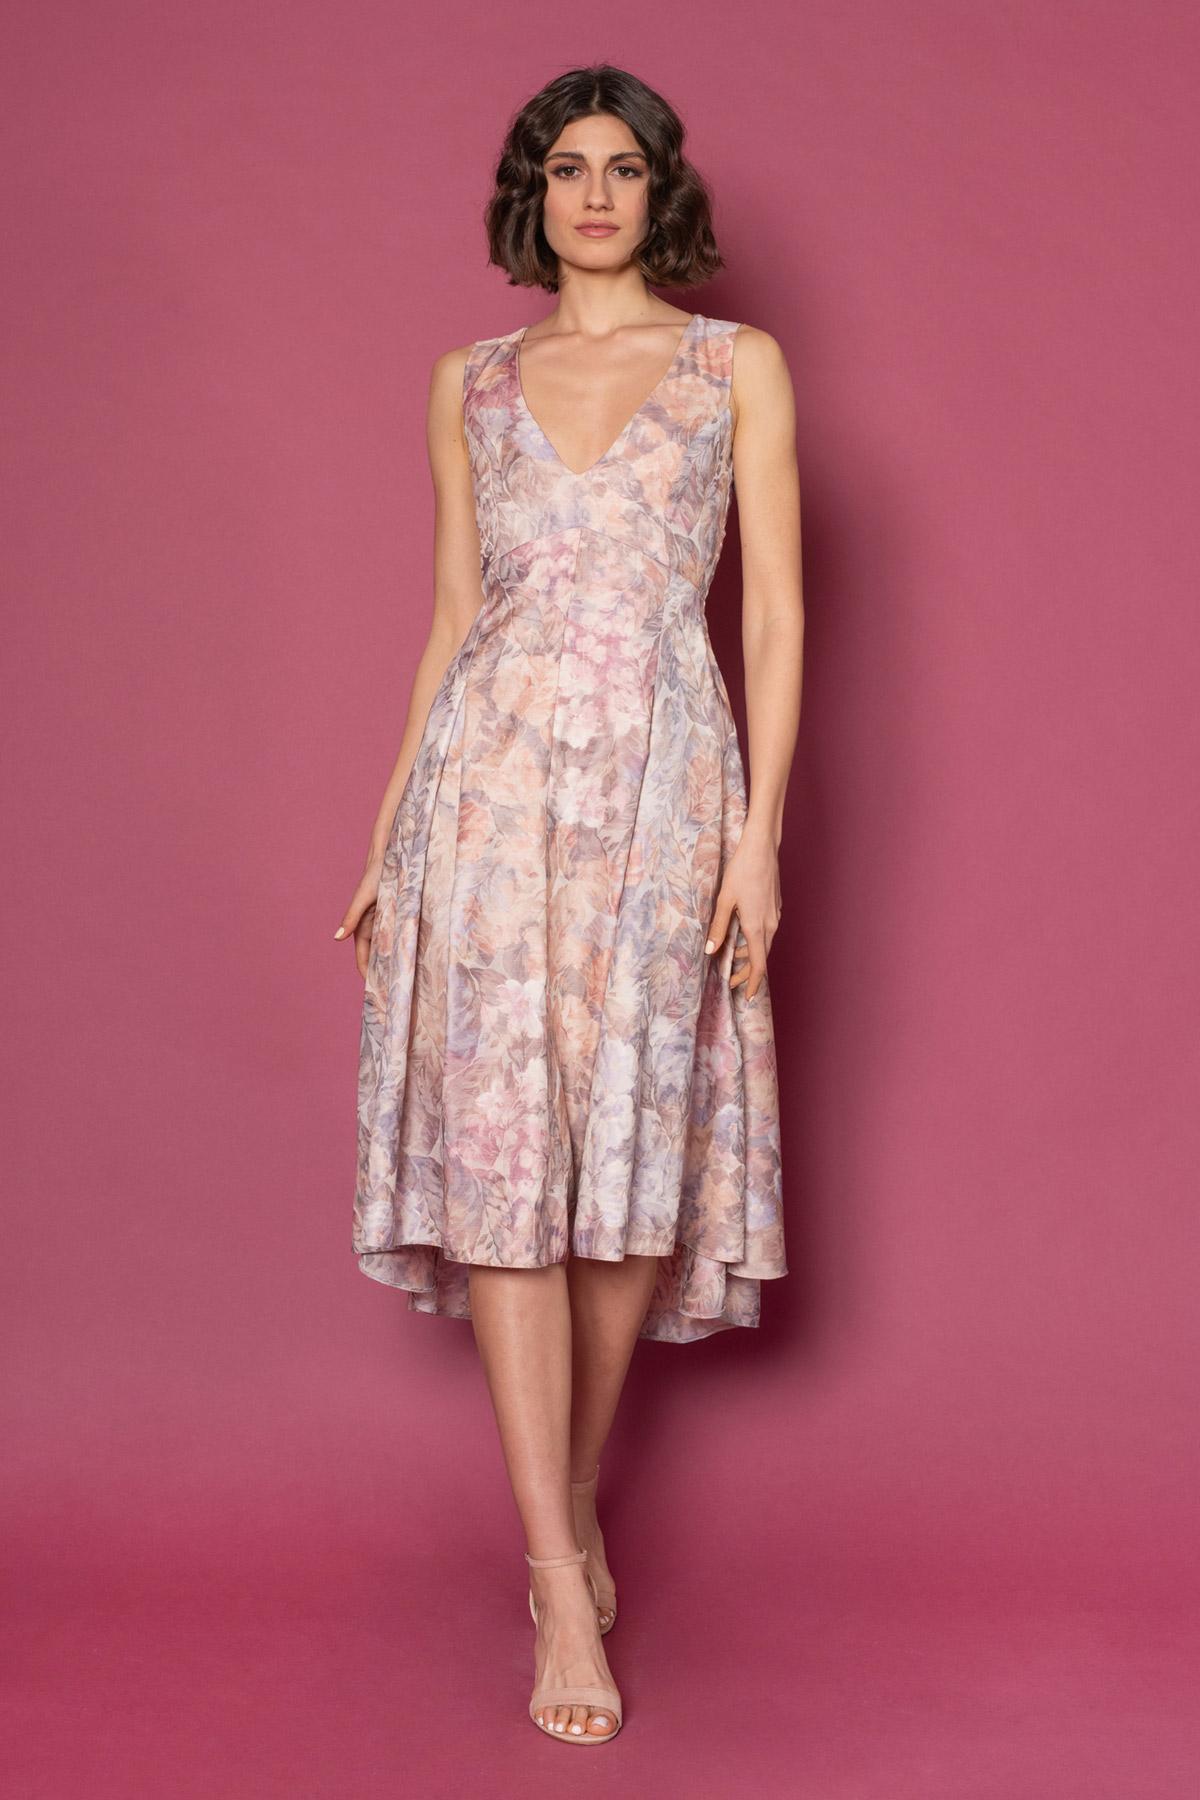 Εντυπωσιακό φλοράλ vintage φόρεμα, με χαμηλό V μπροστά, εφαρμοστό στον κορμό και ασύμμετρη κλος φούστα με κουφόπιετες, από ζακάρ ύφασμα. Ιδανικό φόρεμα για γάμο ή οποιαδήποτε επίσημη εμφάνιση!